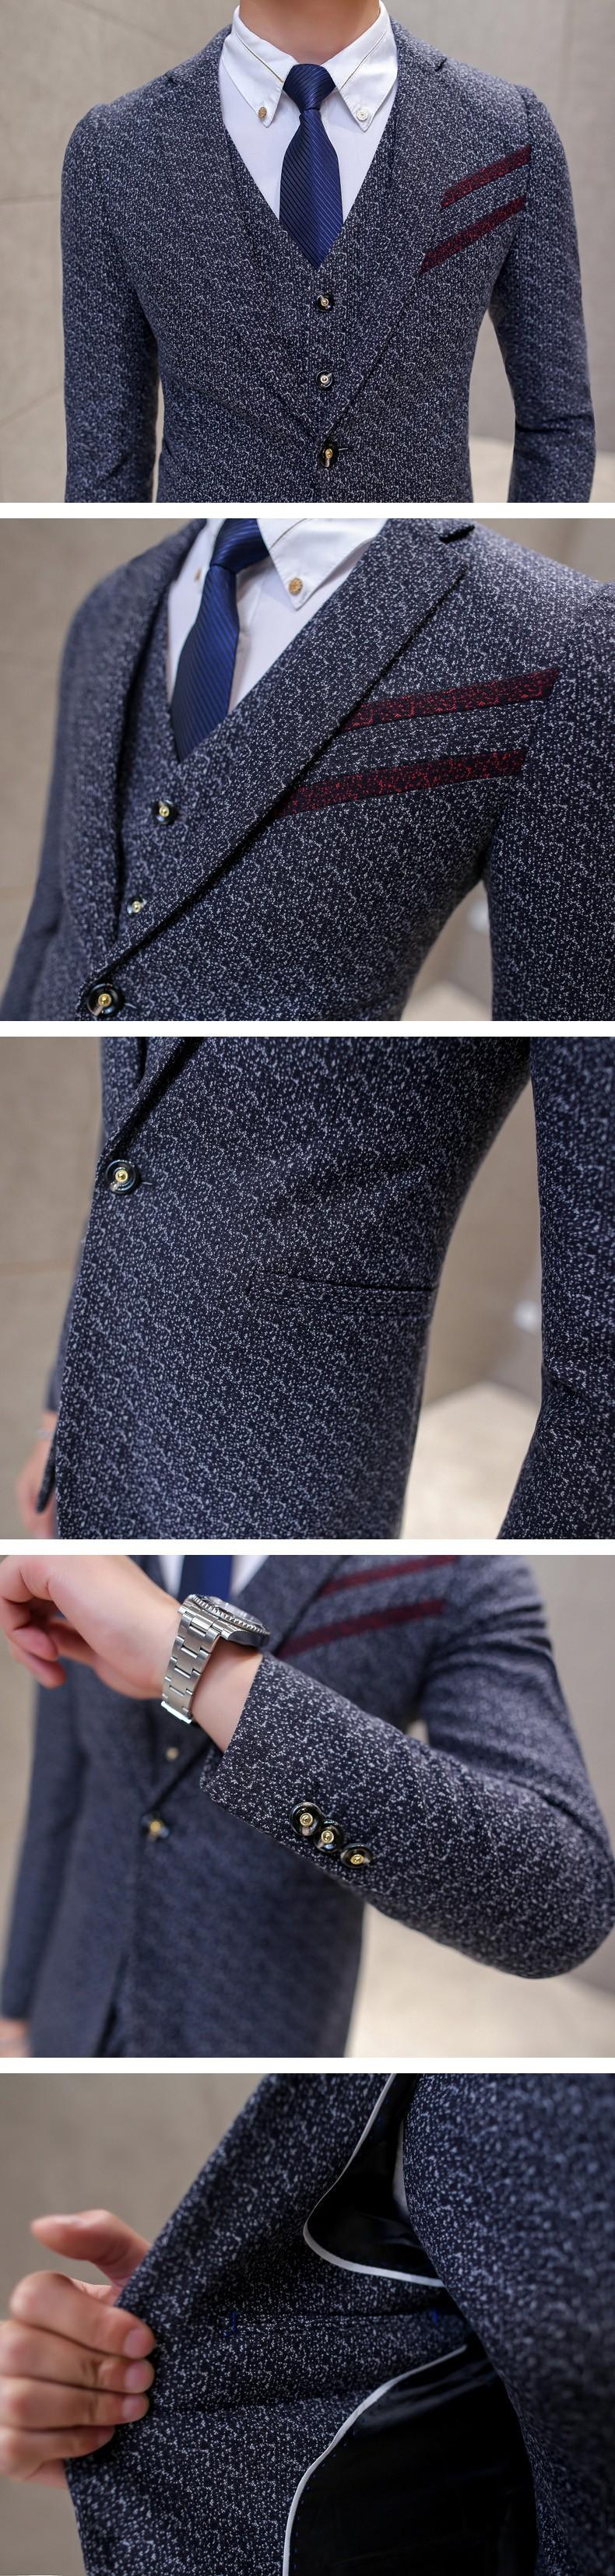 grey suits details